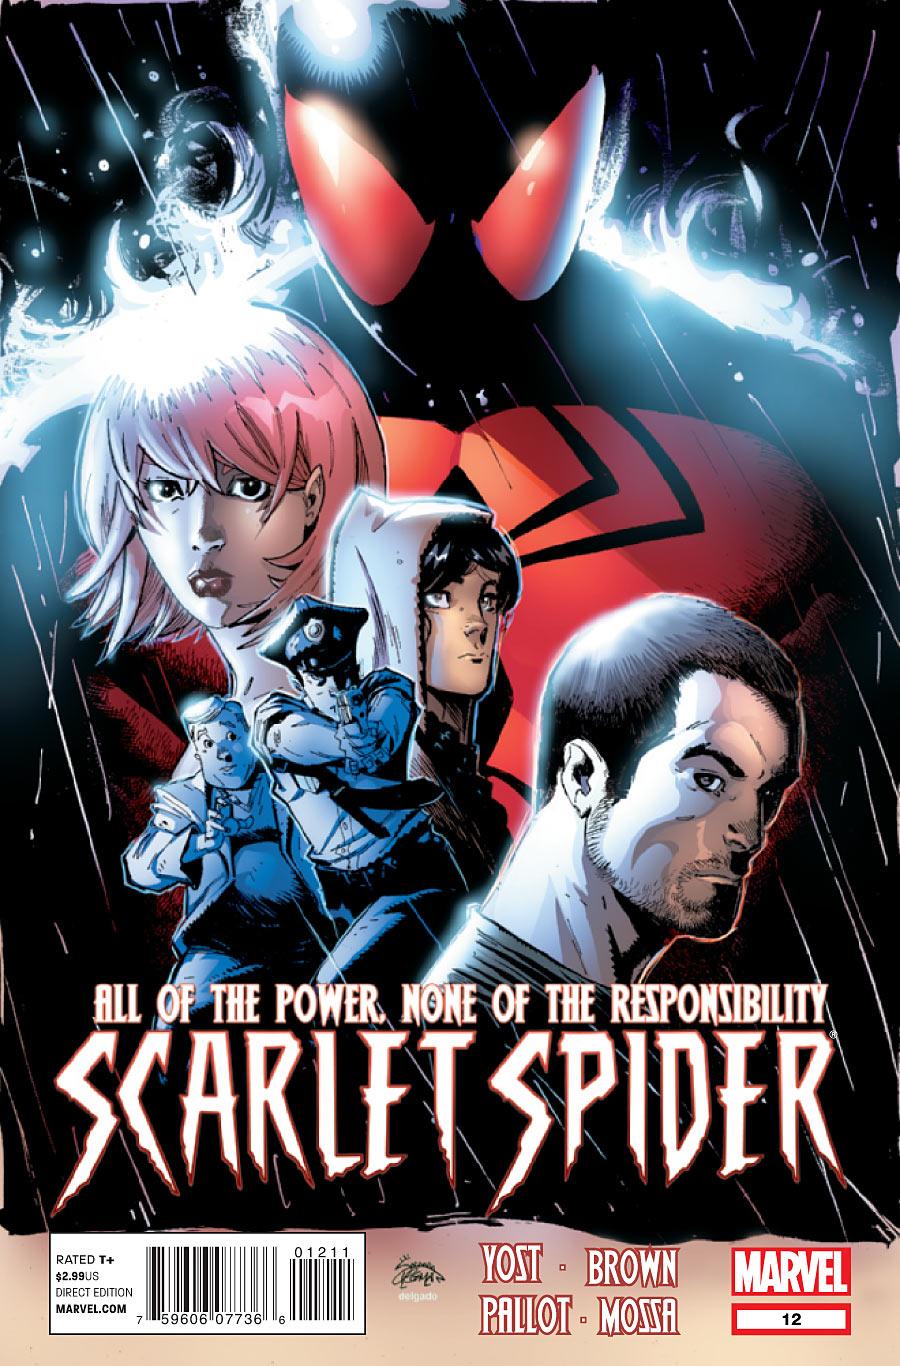 Scarlet Spider 12 C Scarlet Spider #12 Review